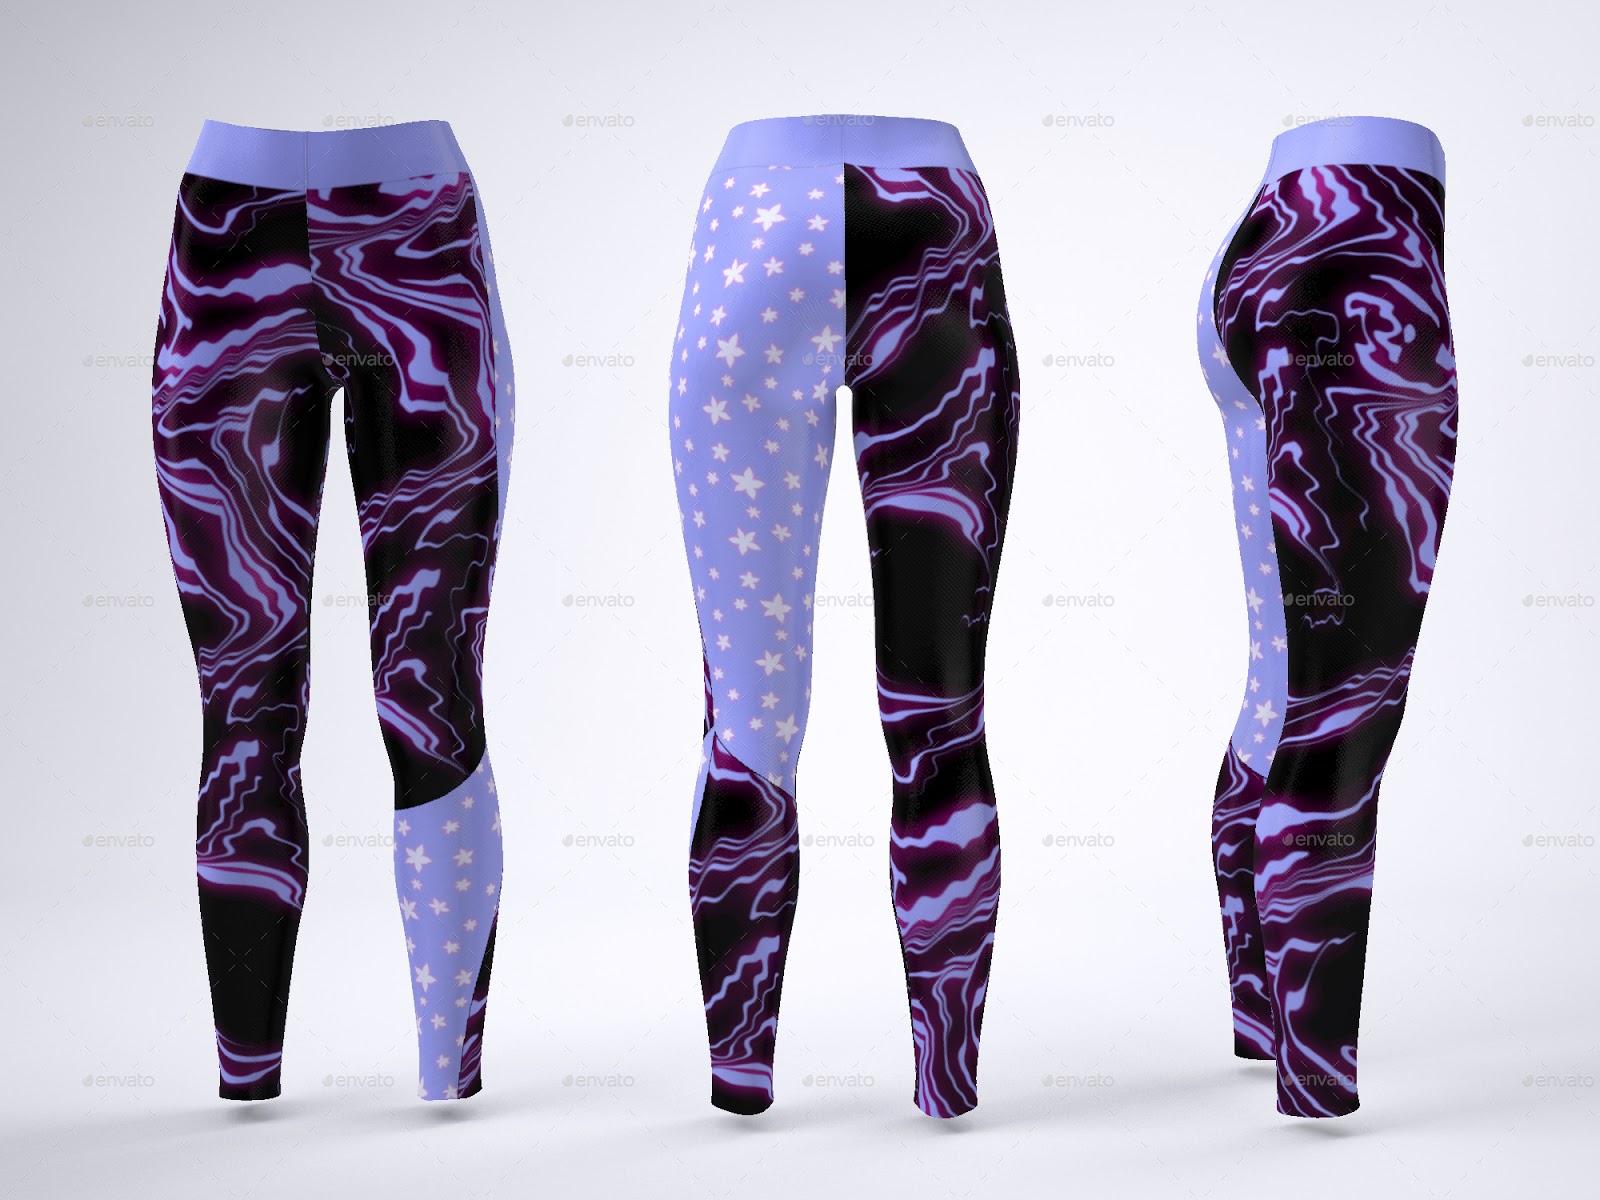 legging mockup psd + best leggings mockup templates   free & premium